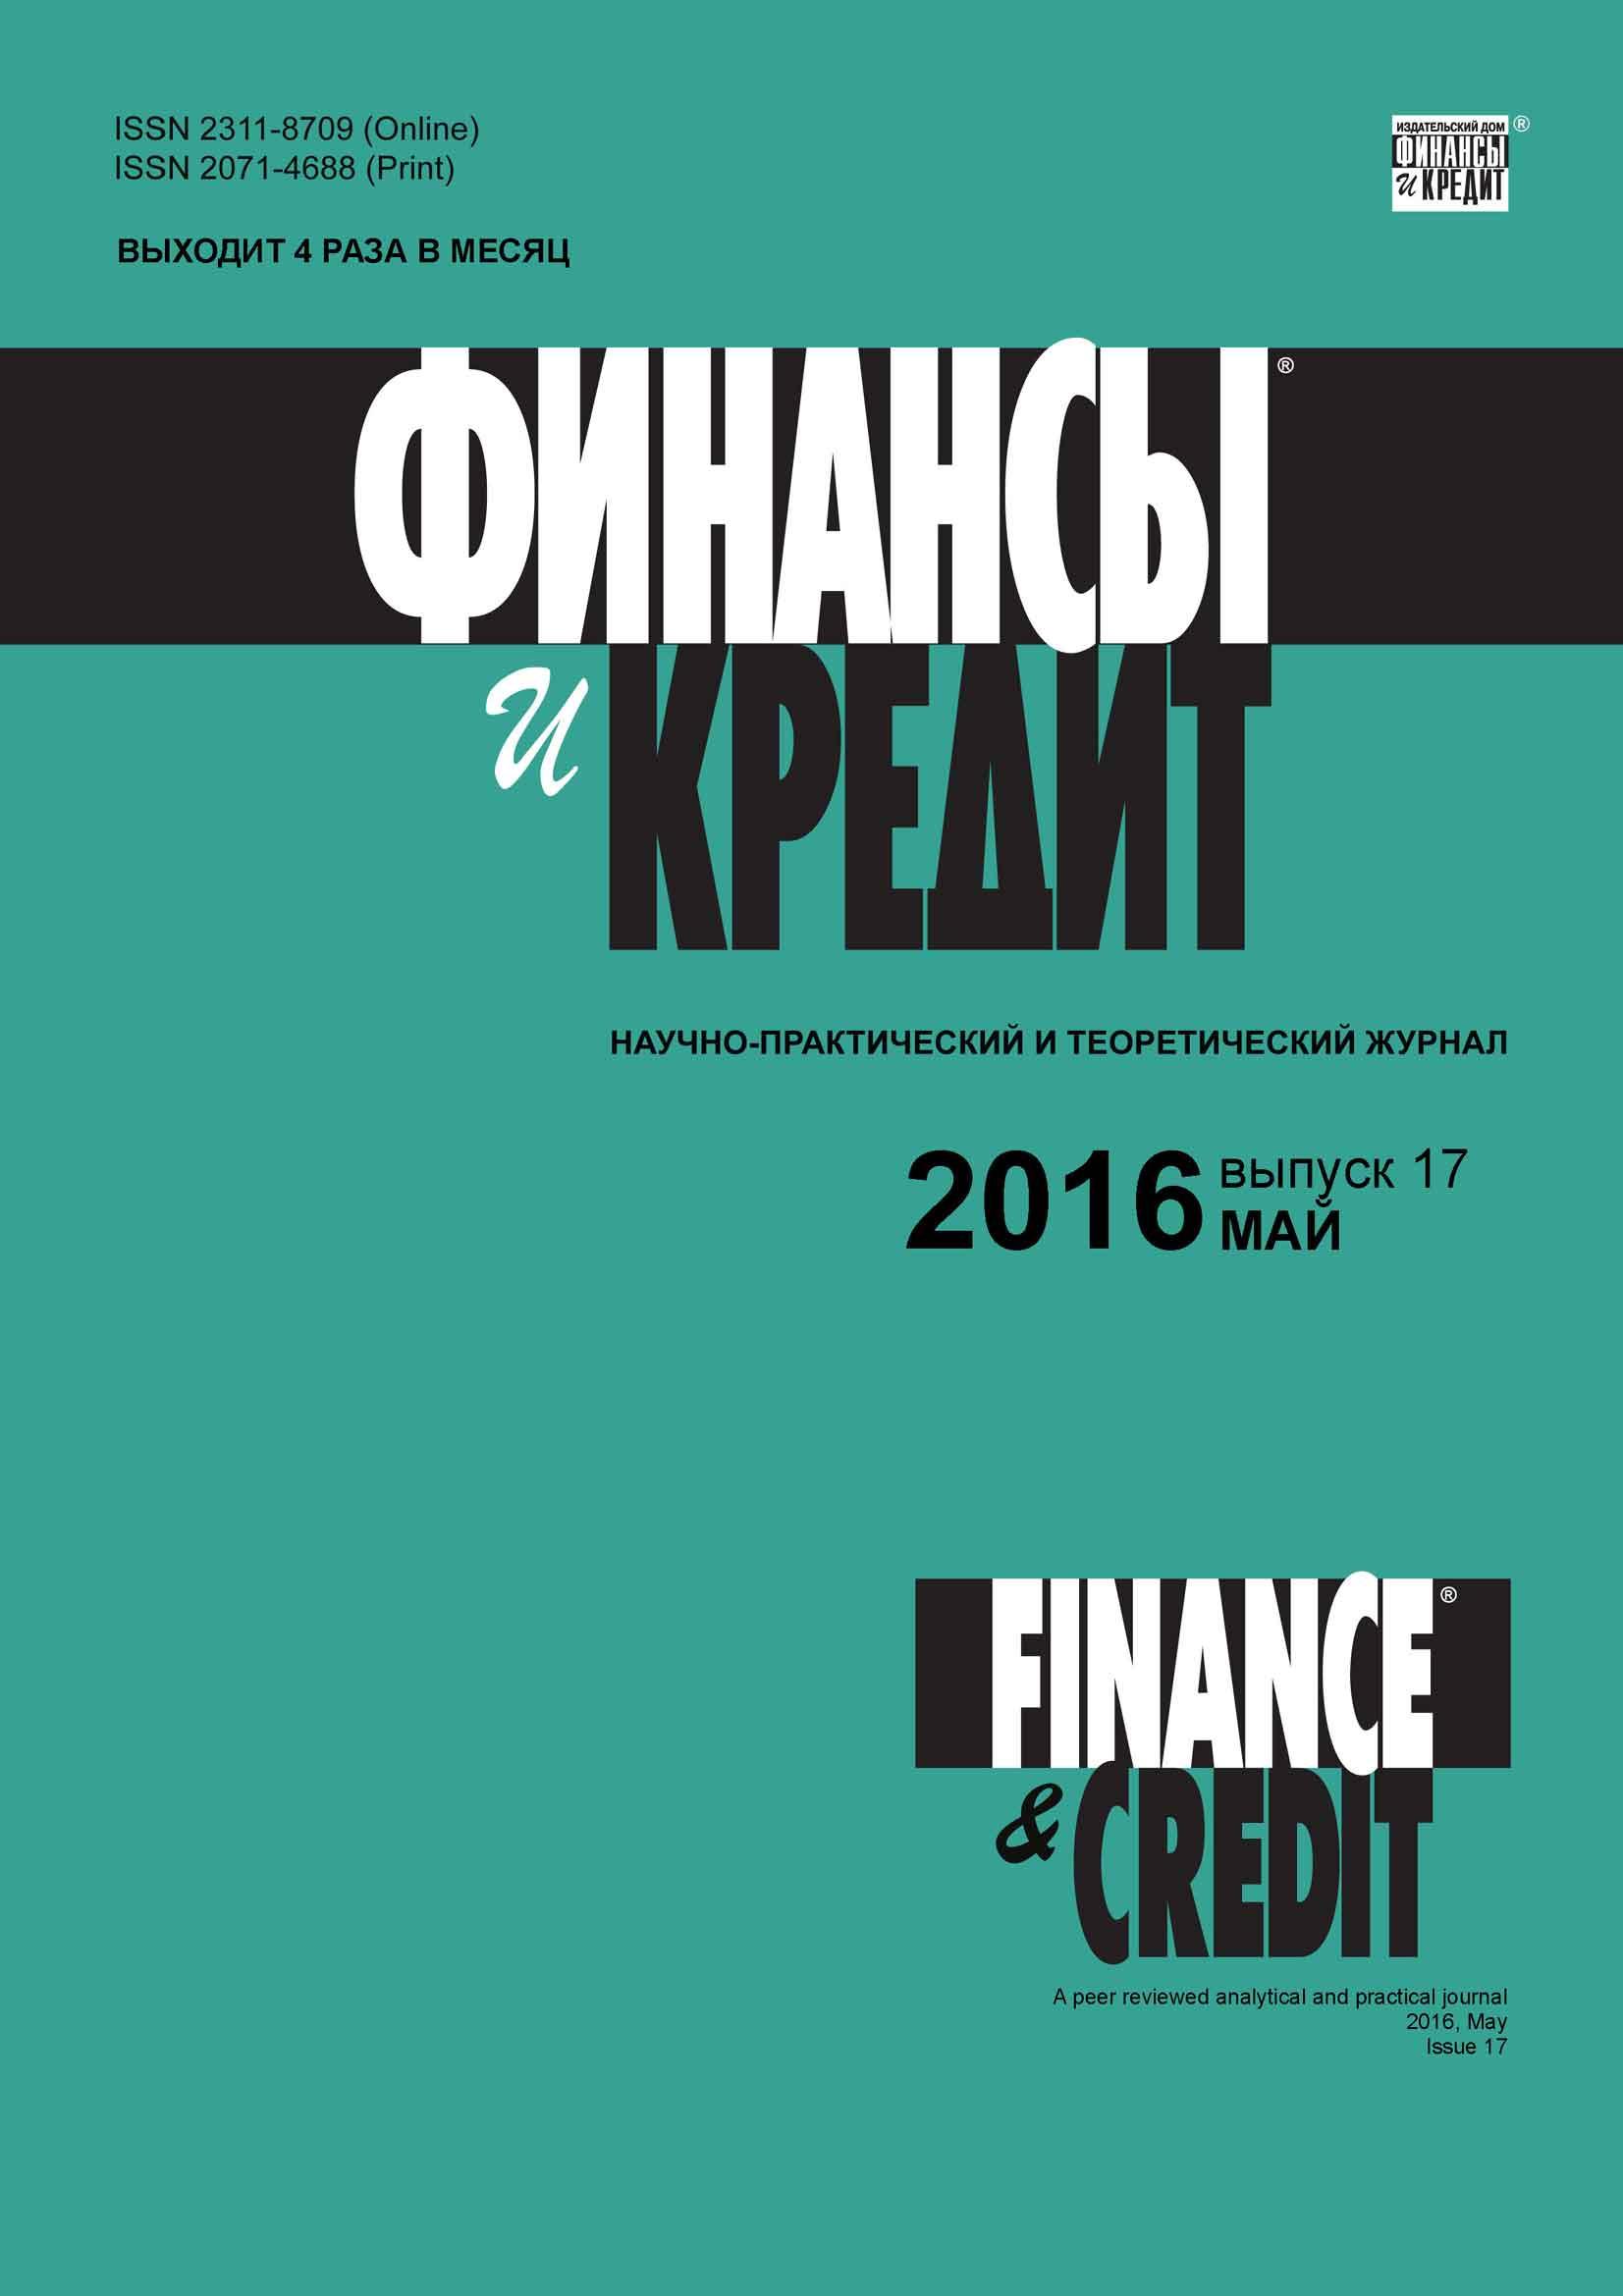 Финансы и Кредит № 17 (689) 2016